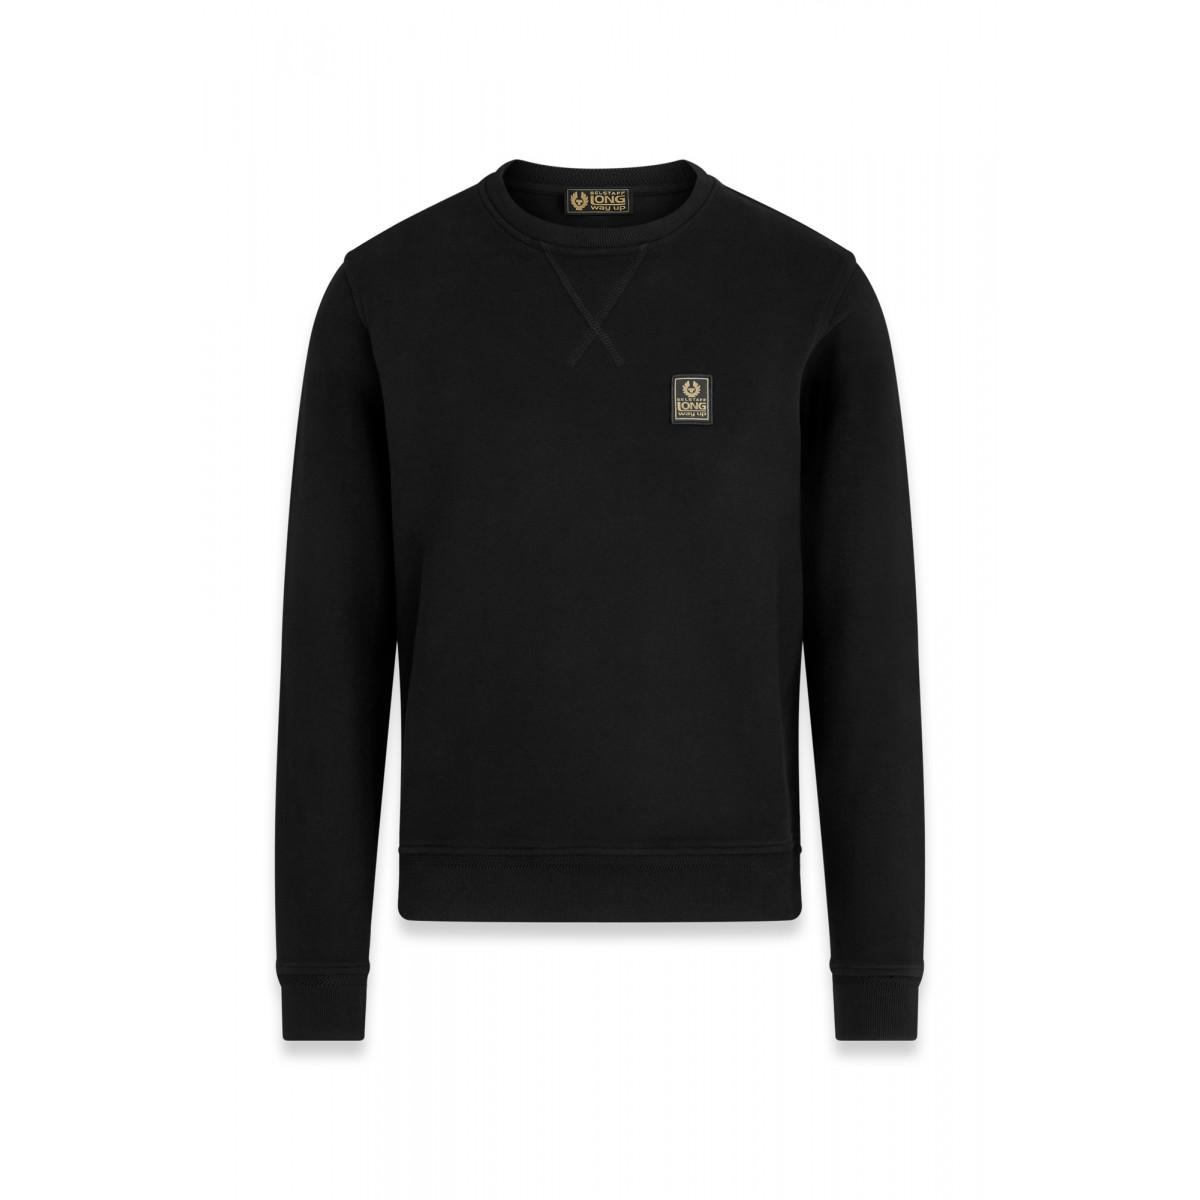 Belstaff Long Way Up Fleece Crew Neck Sweater Black